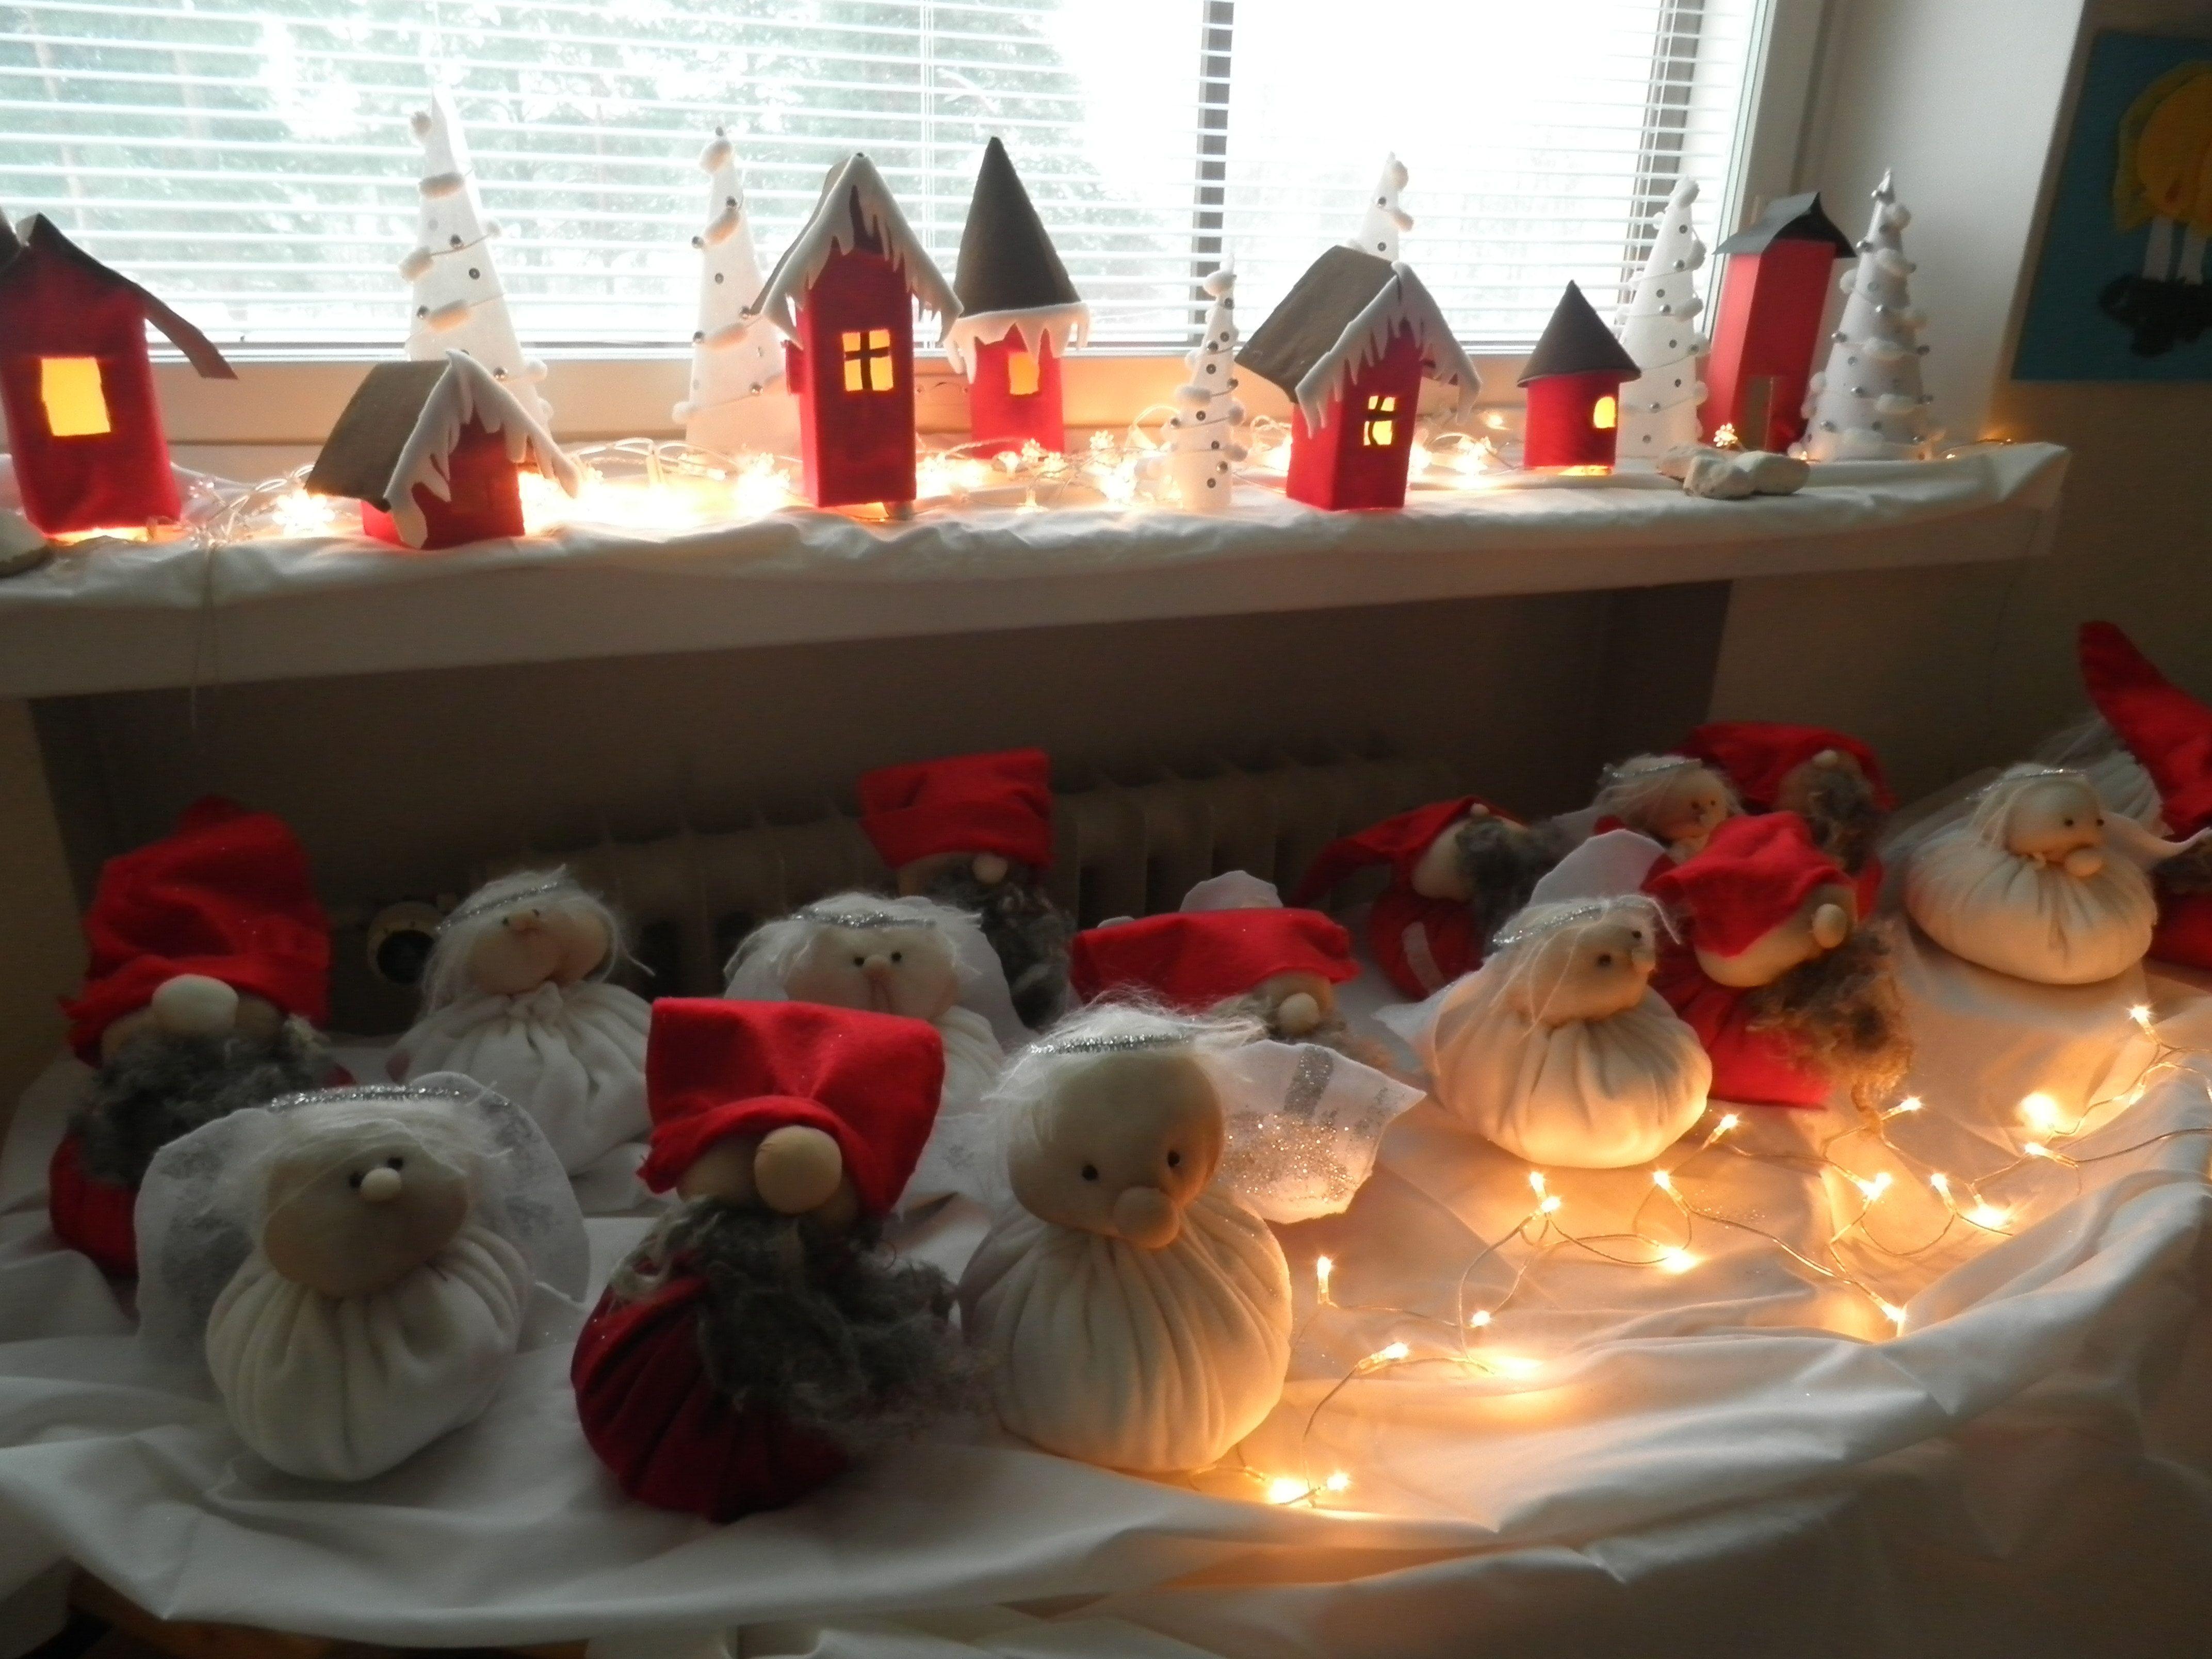 Joulun tunnelmaa luokassa. Enkelit ja tontut tehty huovasta ja sukkahousuista. Idean kehittelin itse. Myös jouluiset talot ovat kauniita etenkin talvihämärässä.